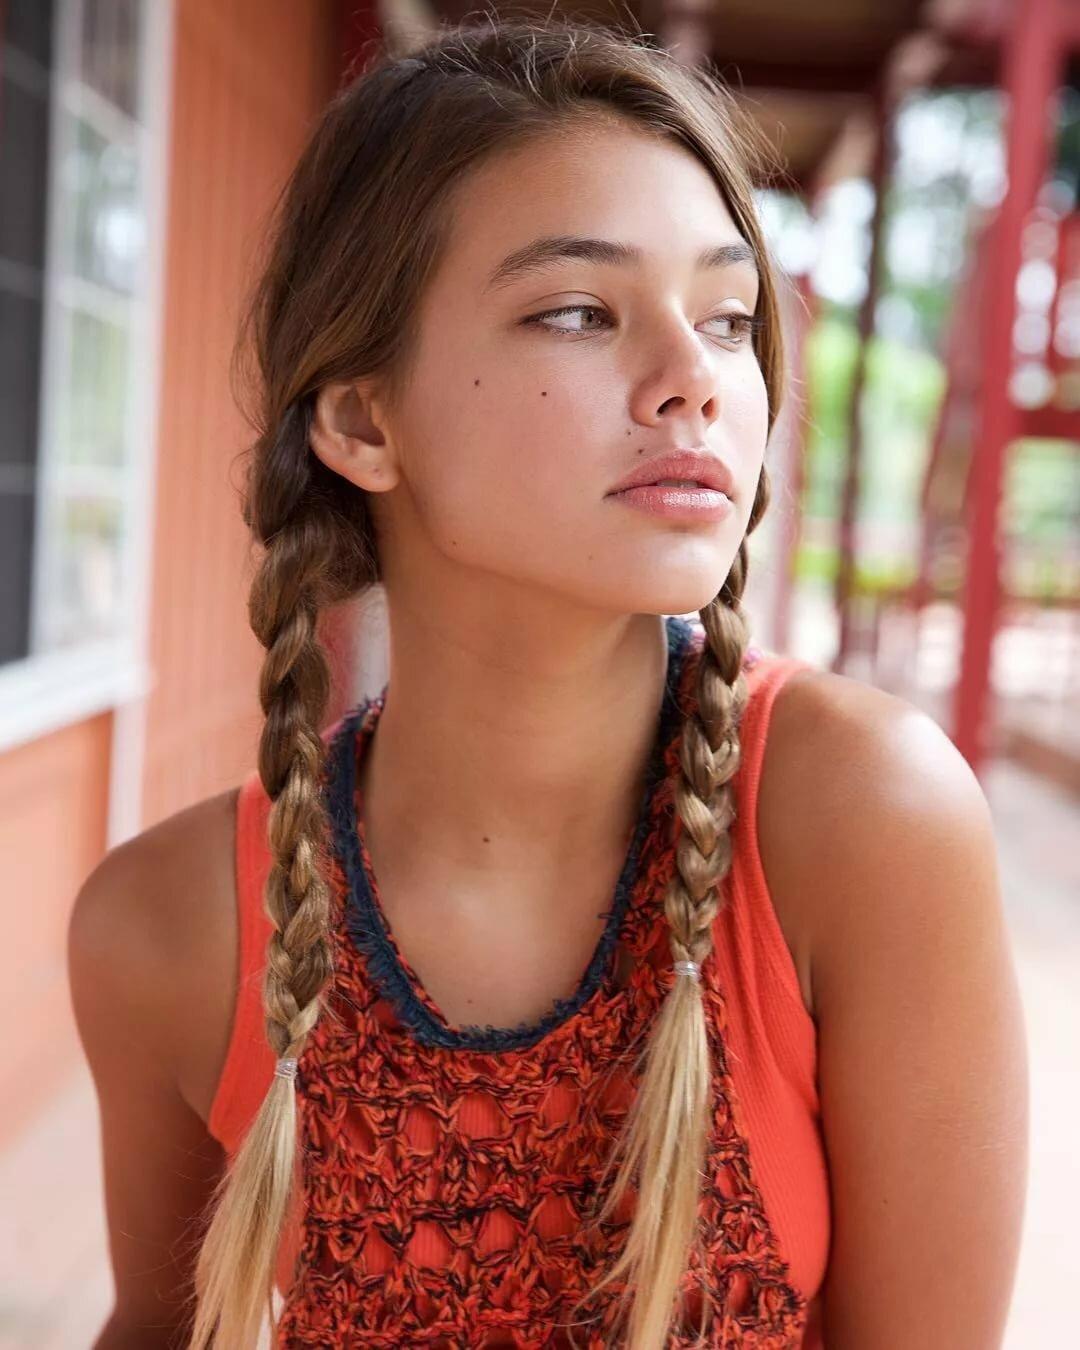 Beautiful young teen girl por — pic 5